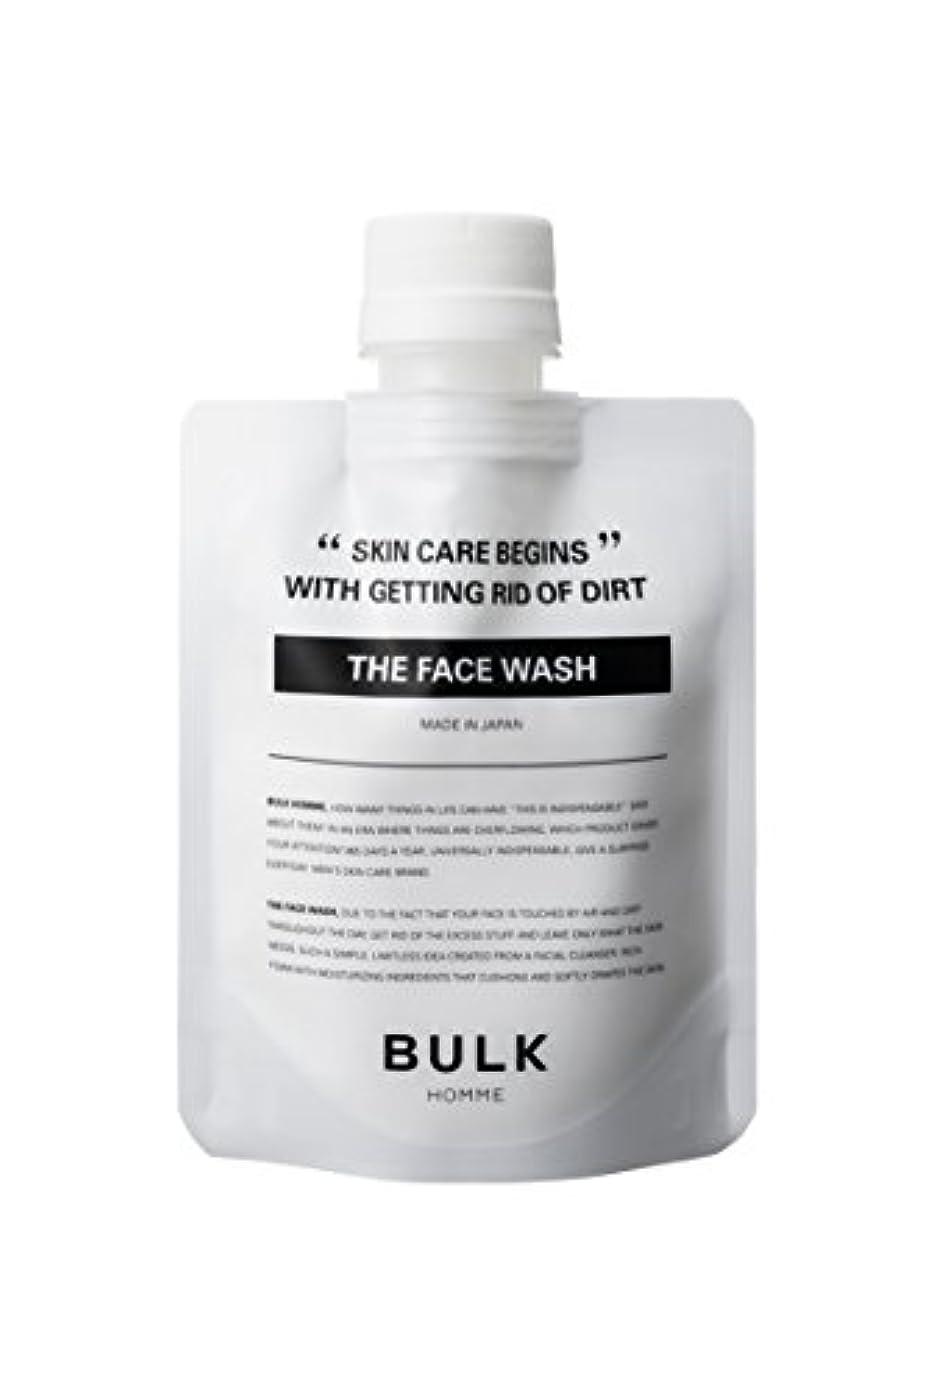 休日に相互接続誘発するBULK HOMME THE FACE WASH 洗顔料 100g